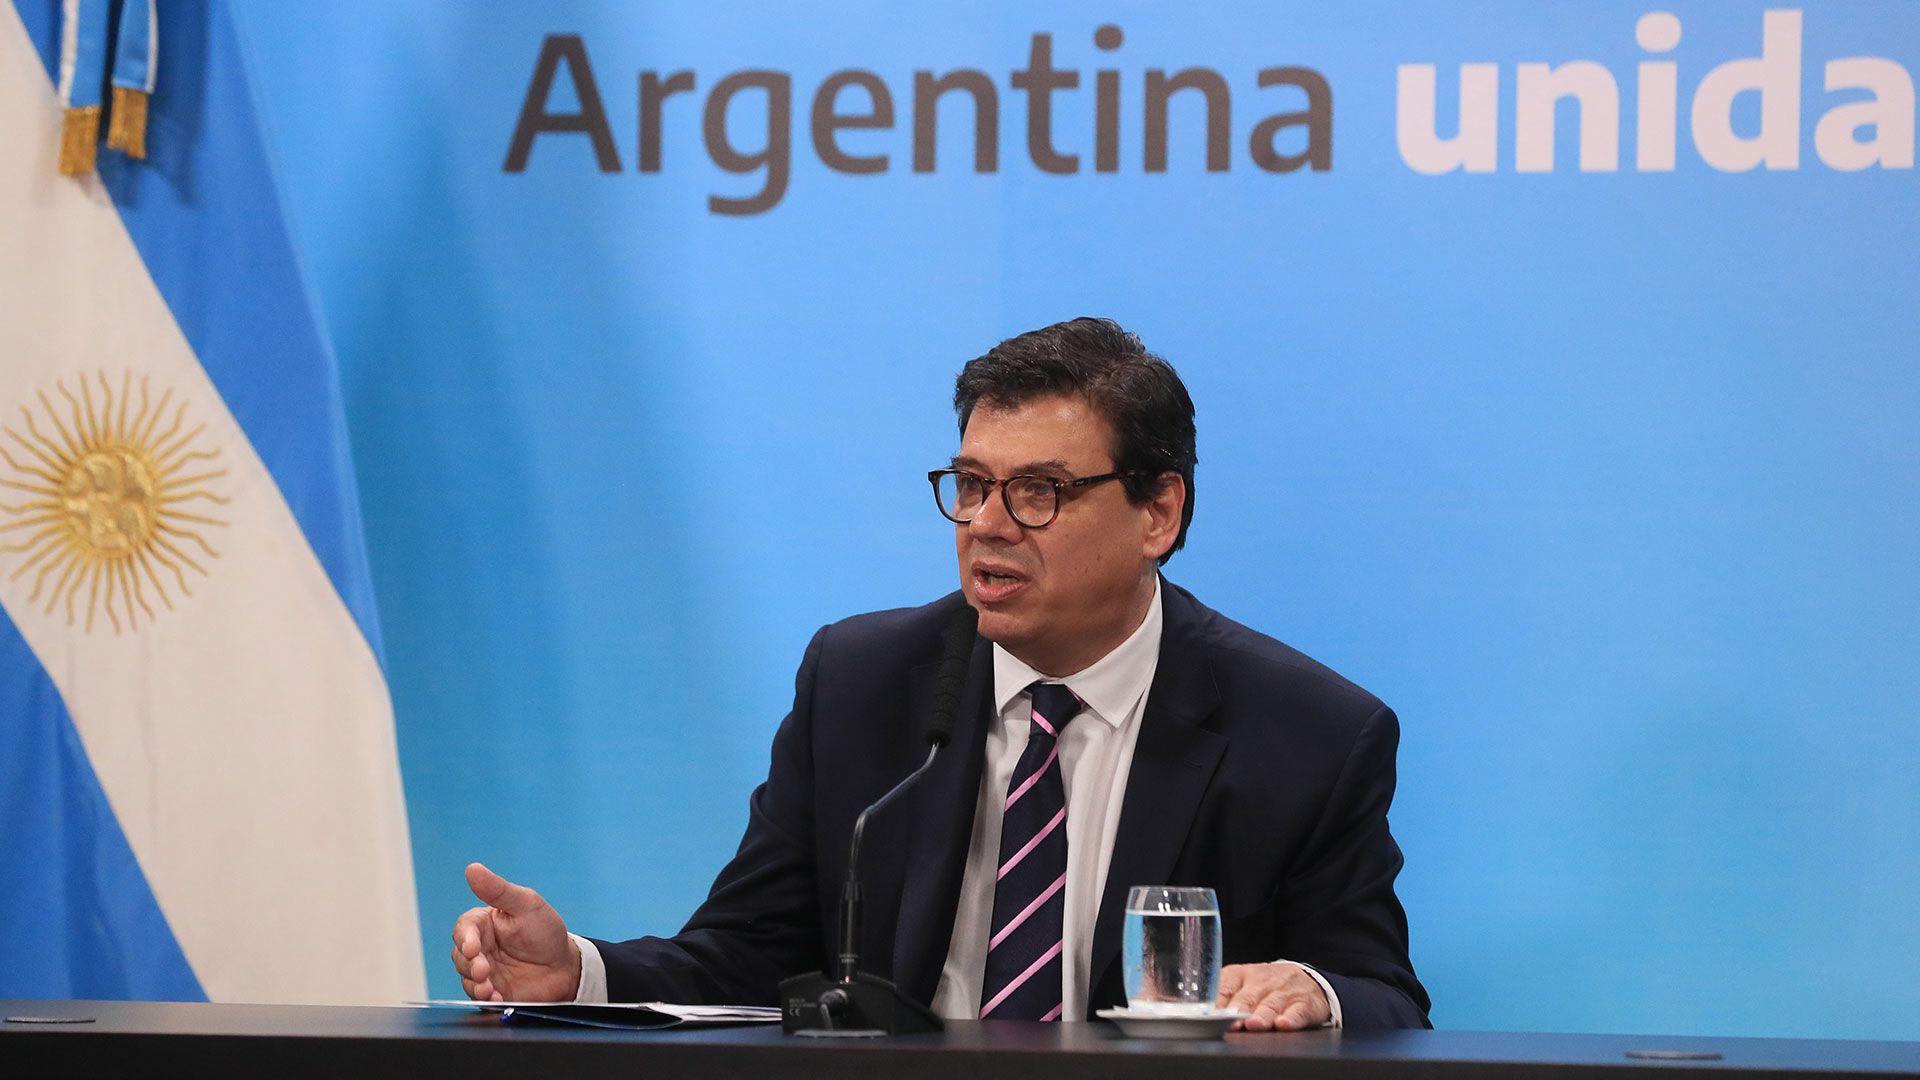 El ministro de Trabajo, Claudio Moroni, encabezará la reunión del Consejo del Salario (Foto: Presidencia)